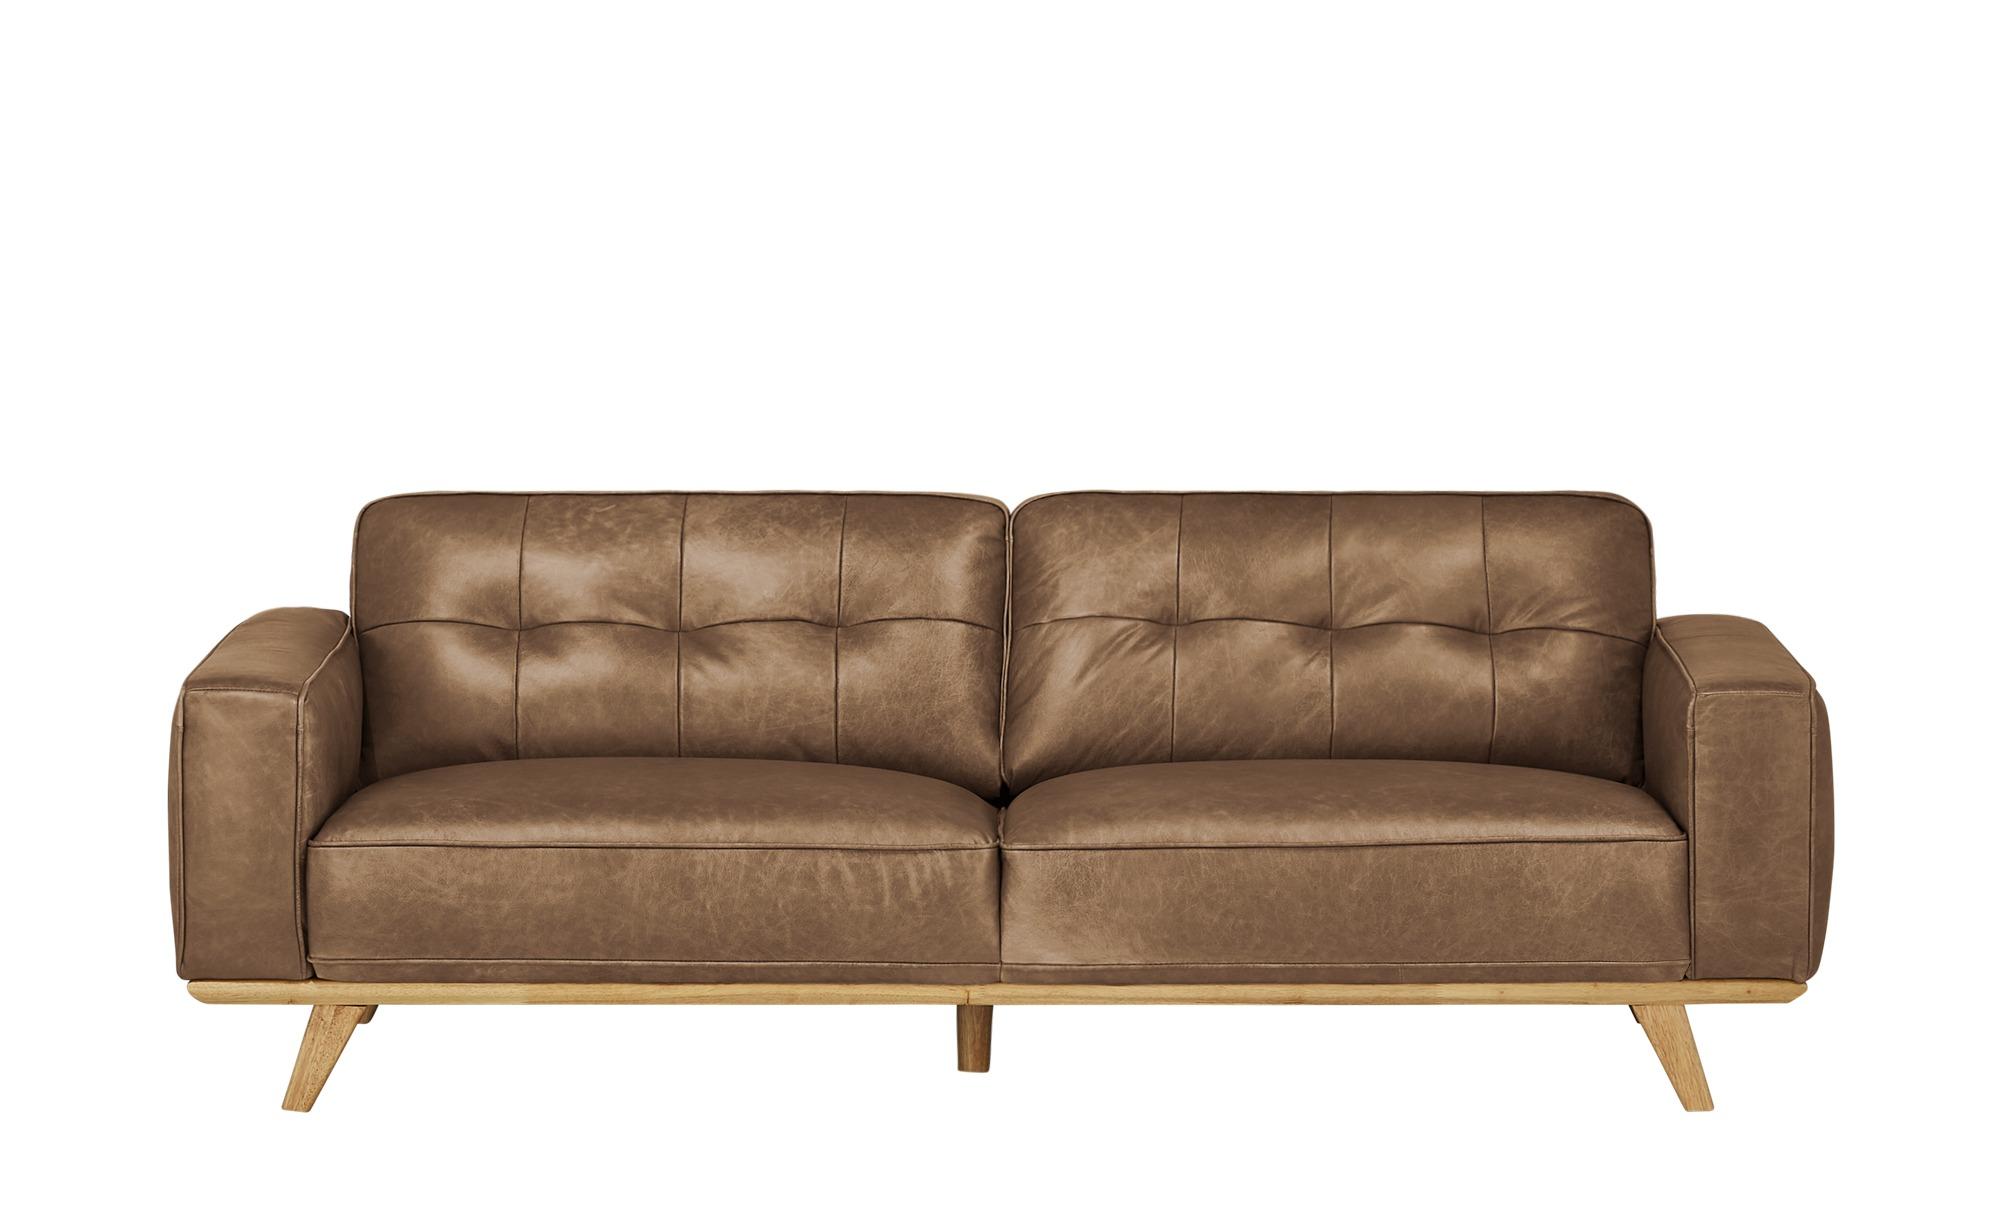 Full Size of Sofa Auf Raten Couch Kaufen Trotz Schufa Bestellen Ratenkauf Online Negativer Ohne Rechnung Ratenzahlung Als Neukunde Uno 3 Sitzig Samt Schlafsofa Liegefläche Sofa Sofa Auf Raten